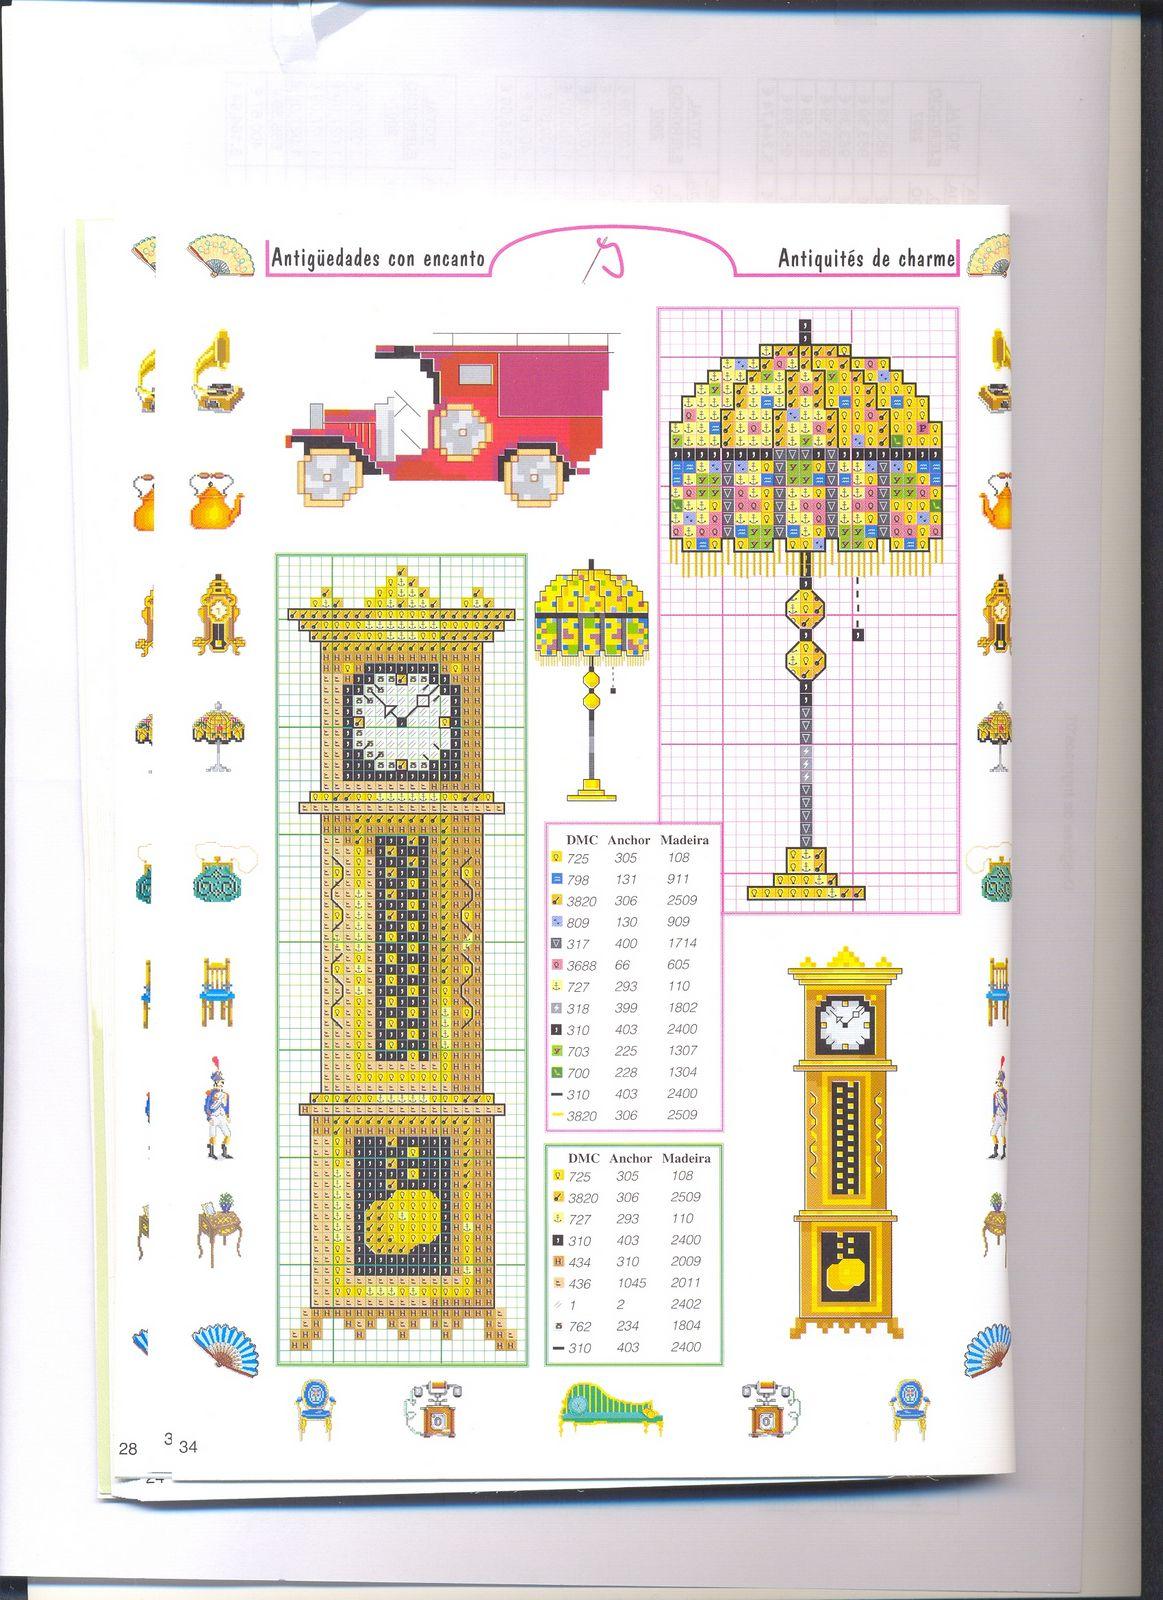 Piccoli accessori arredamanto casa mobili punto croce 9 for Registro casa schemi